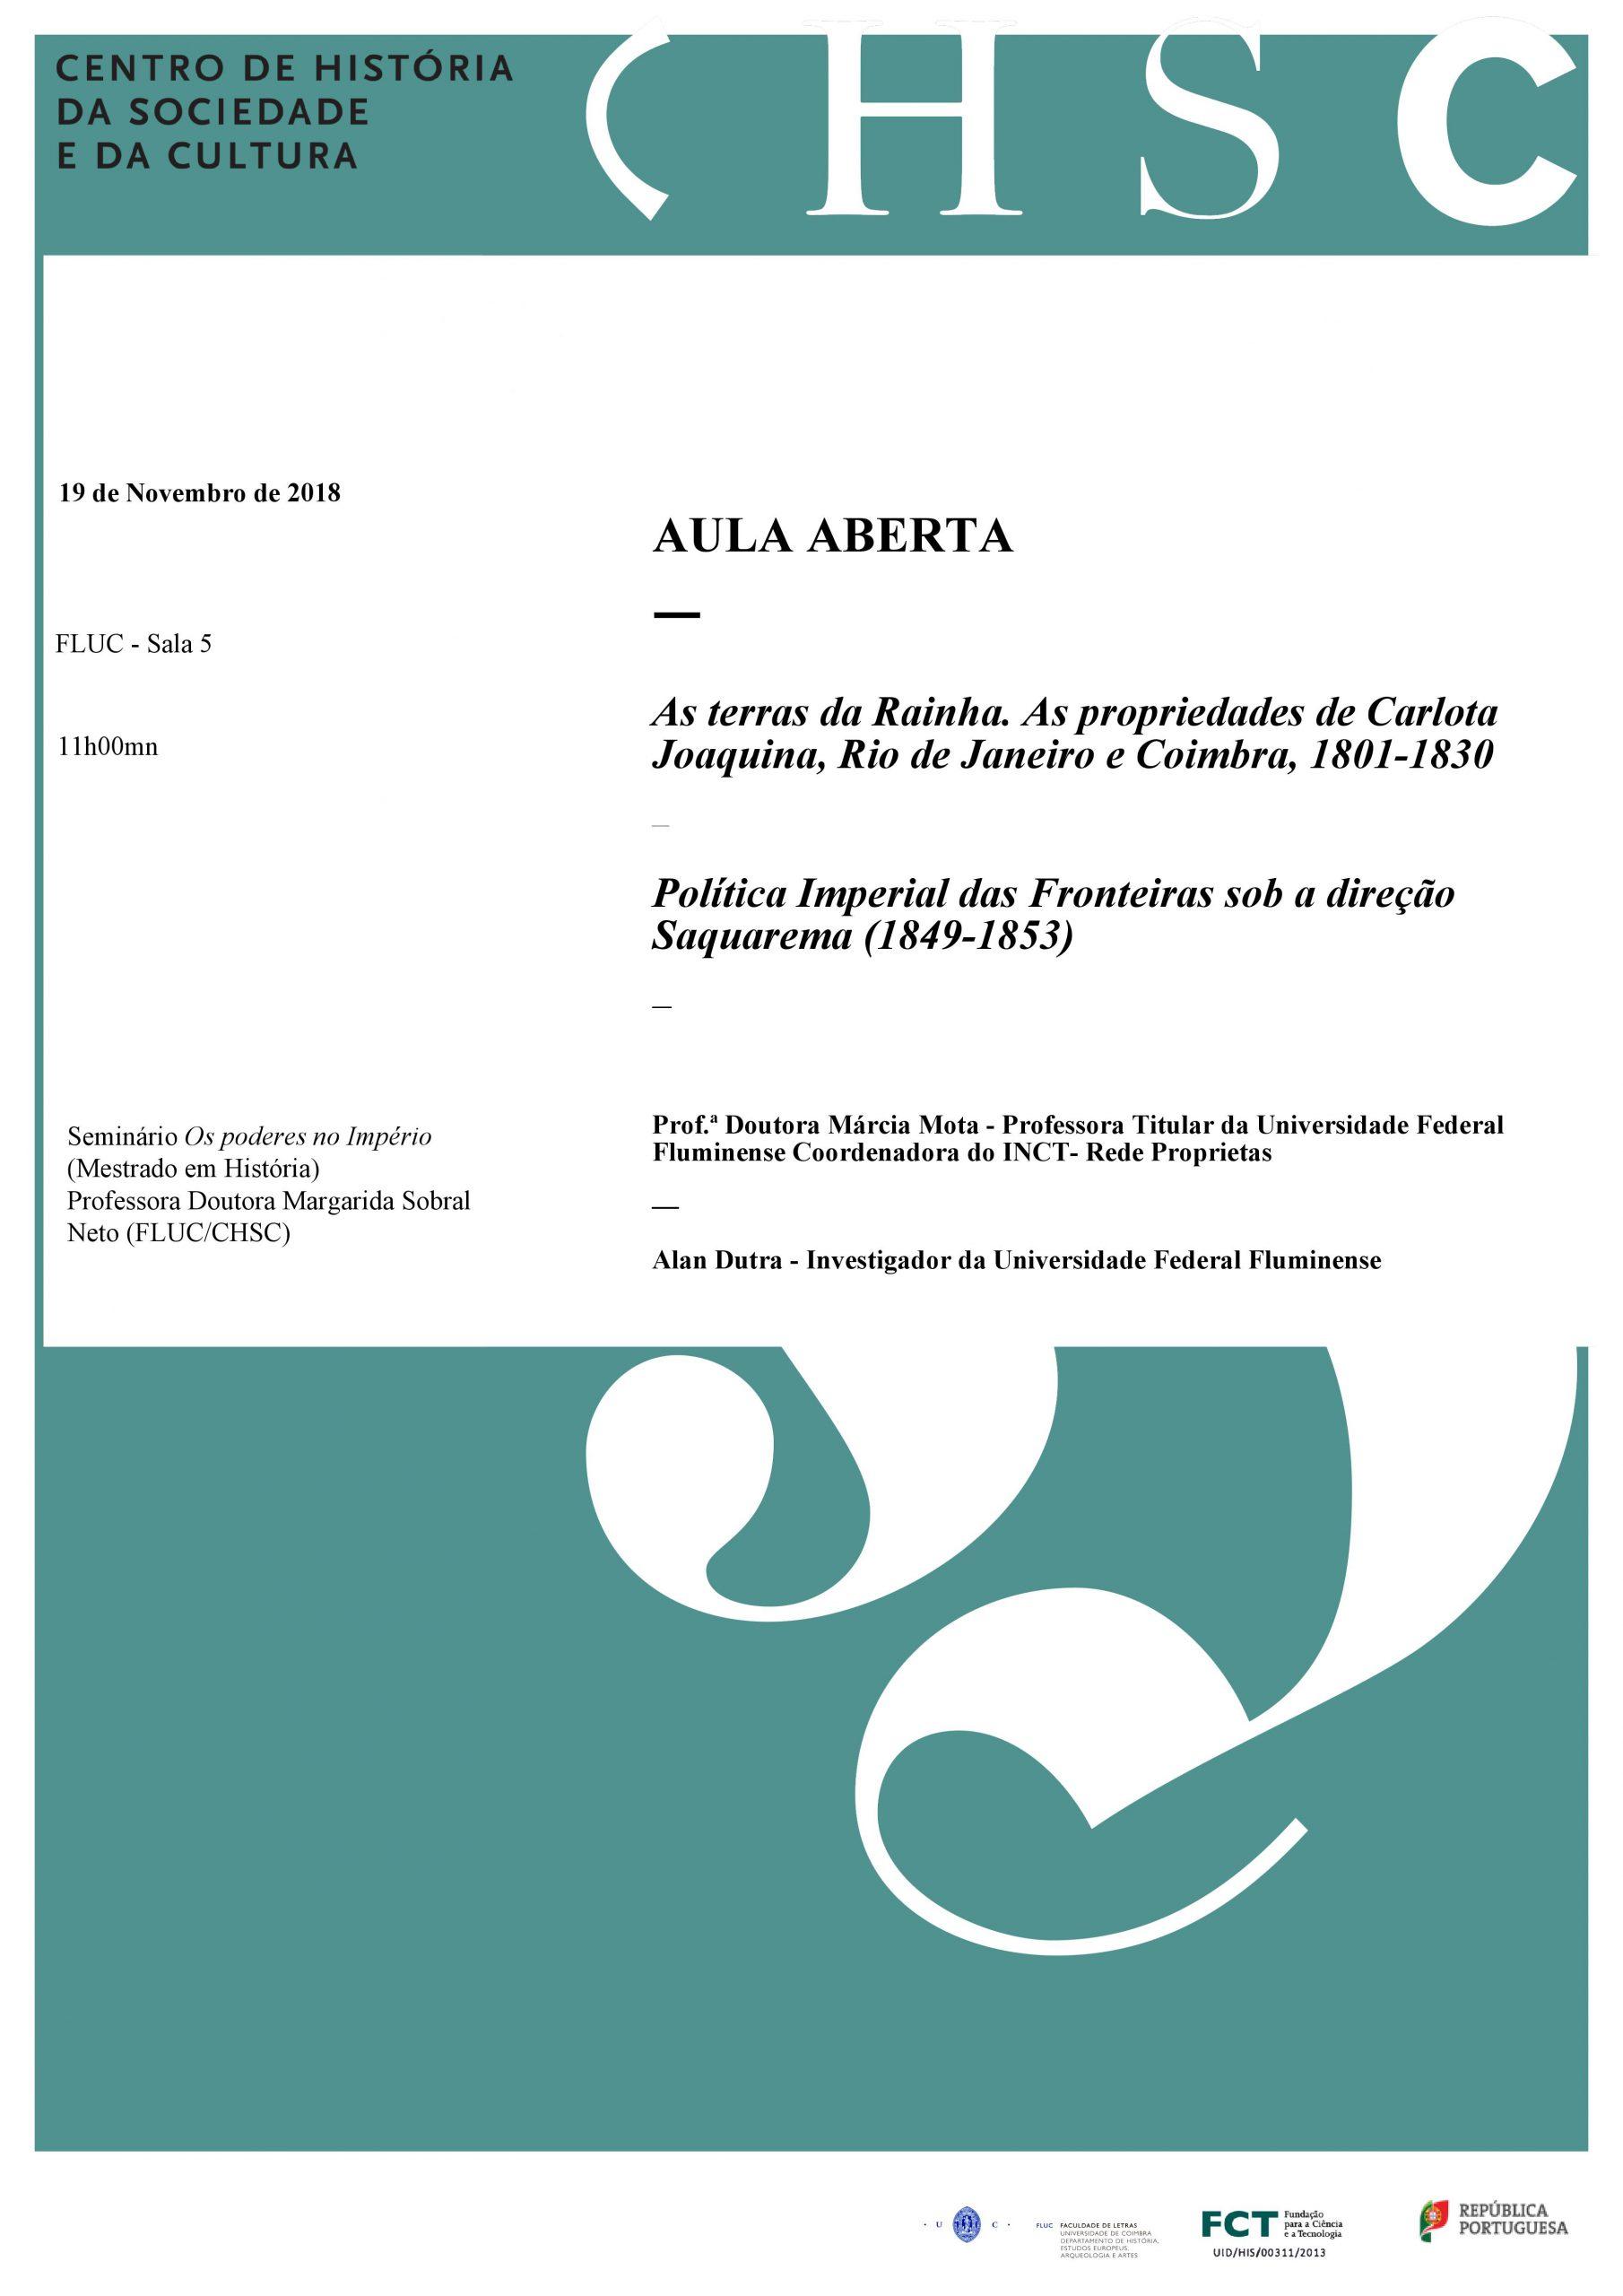 AULA ABERTA – AS TERRAS DA RAINHA. AS PROPRIEDADES DE CARLOTA JOAQUINA, RIO DE JANEIRO E COIMBRA, 1801-1830 / POLÍTICA IMPERIAL DAS FRONTEIRAS SOB A DIRECÇÃO SAQUAREMA (1849-1853)